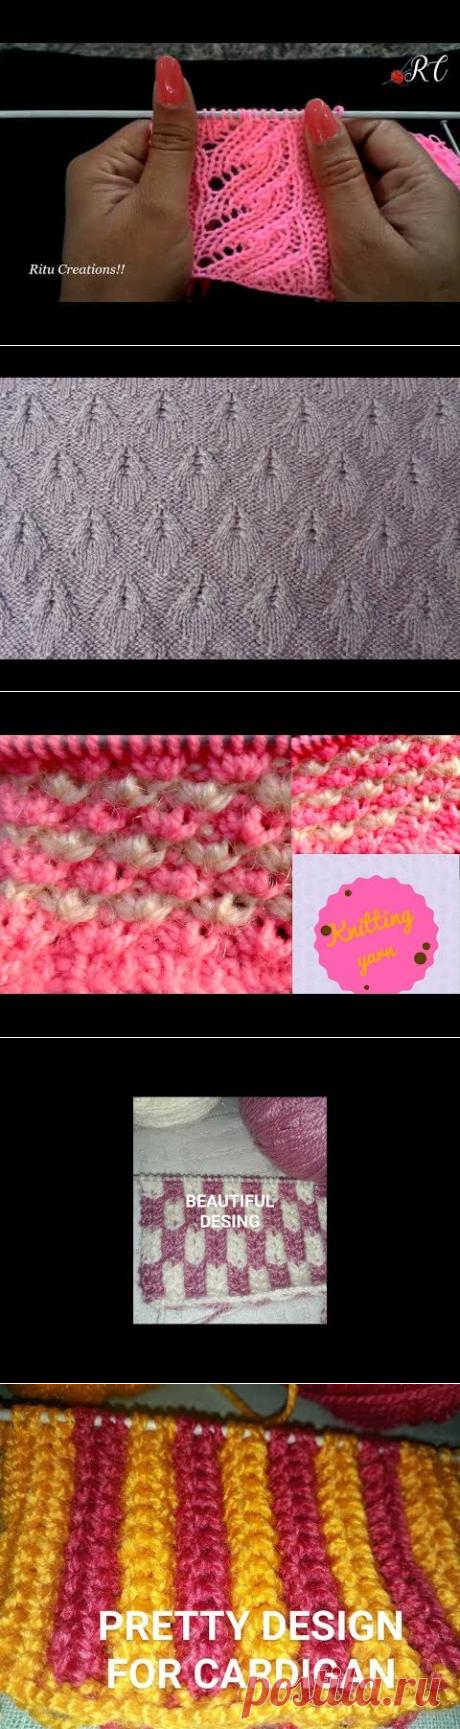 (2) NEW KNITTING DESIGN #LATEST BUBBLE N NET DESIGN - YouTube